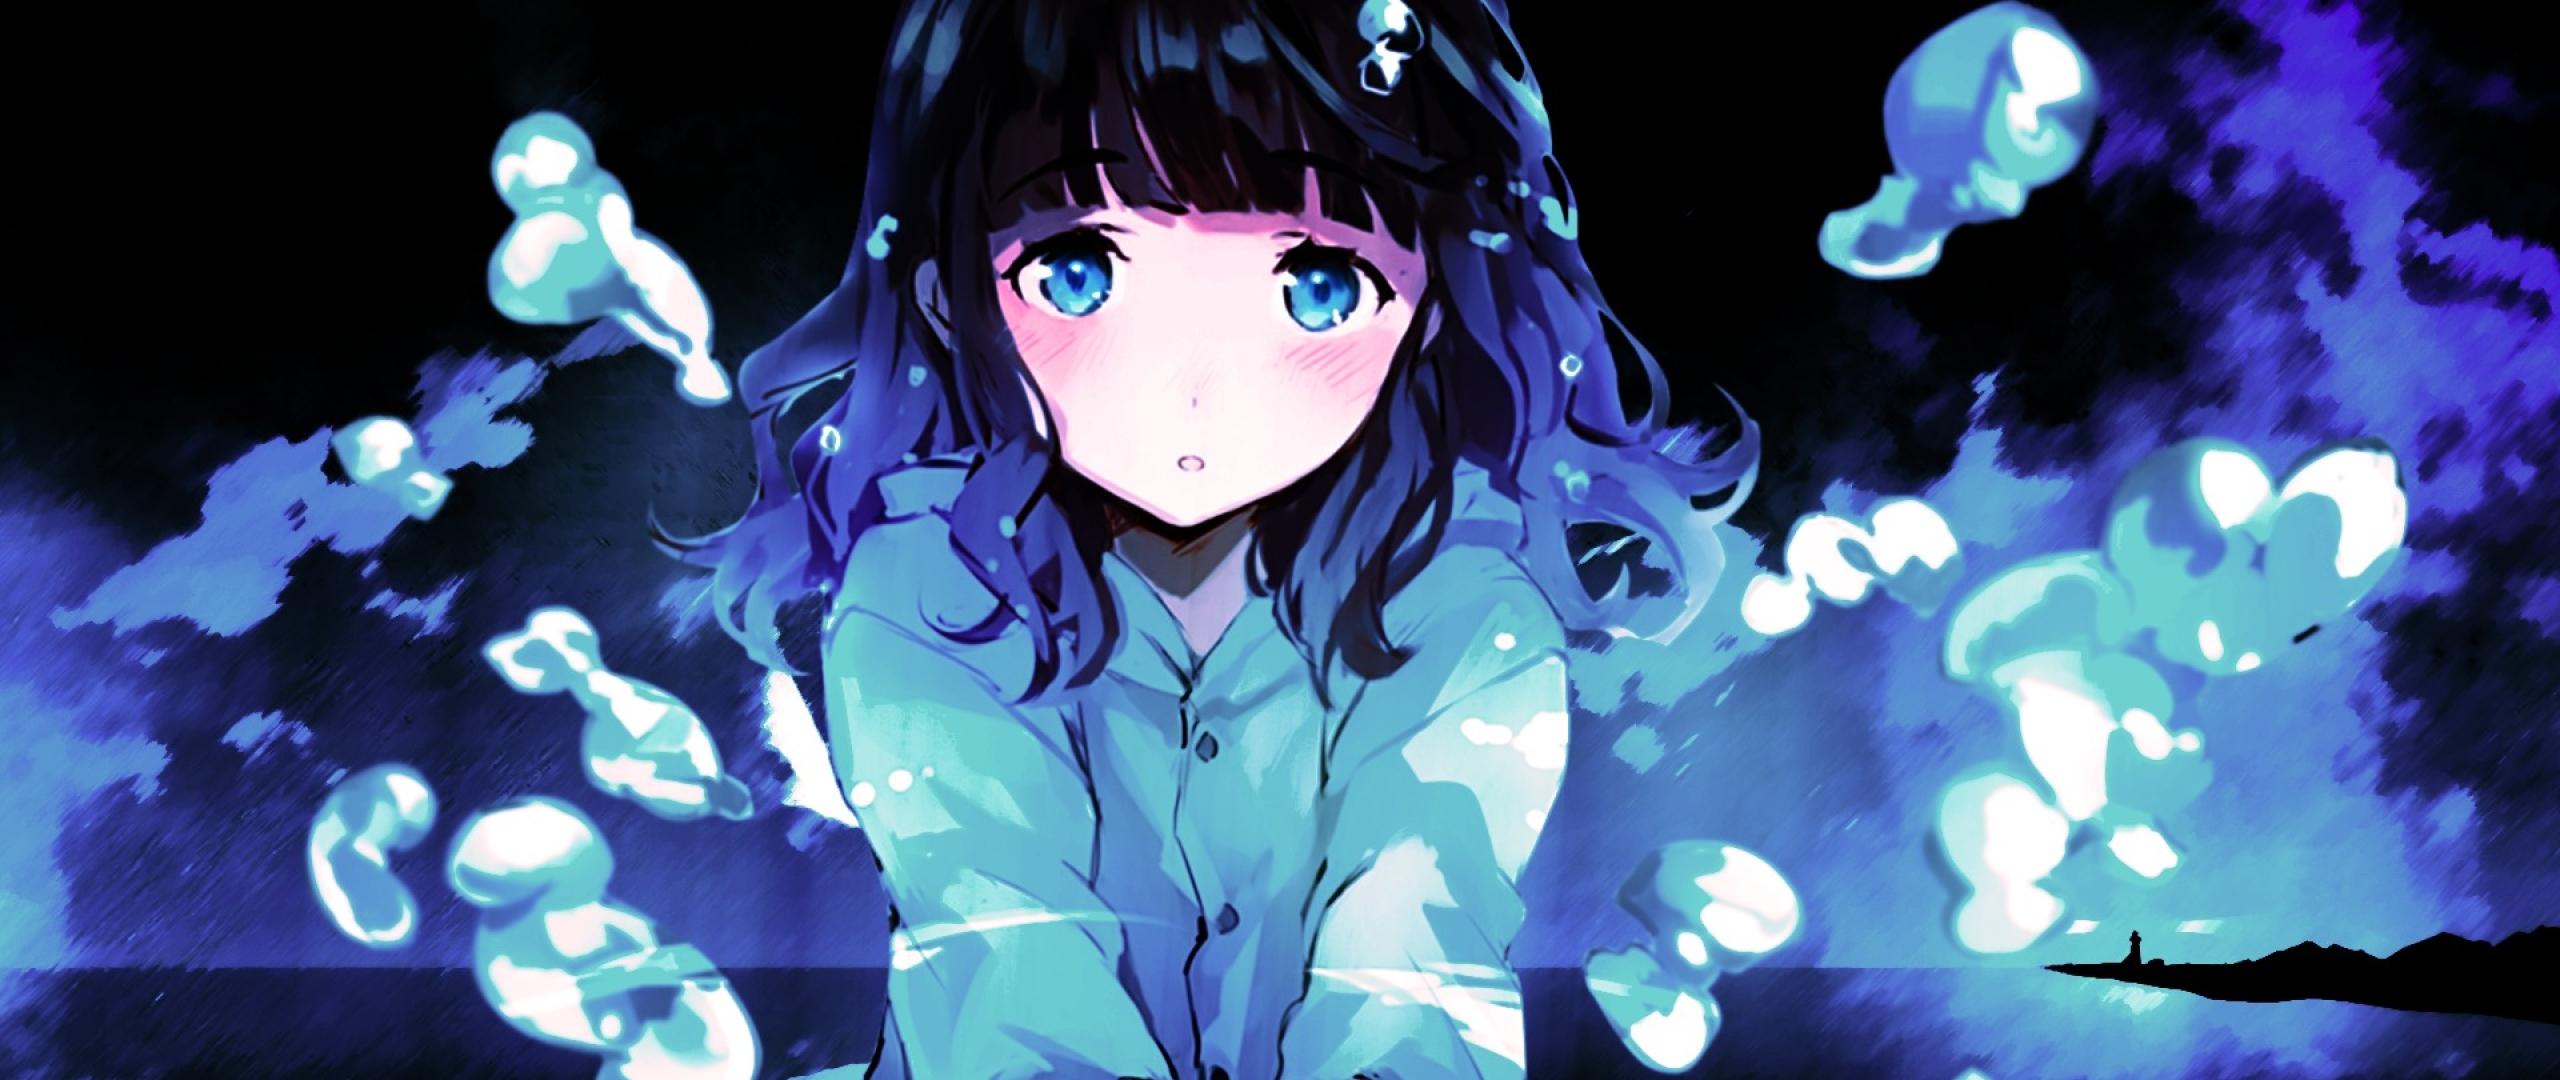 Anime Sad Girl Full Hd Wallpaper